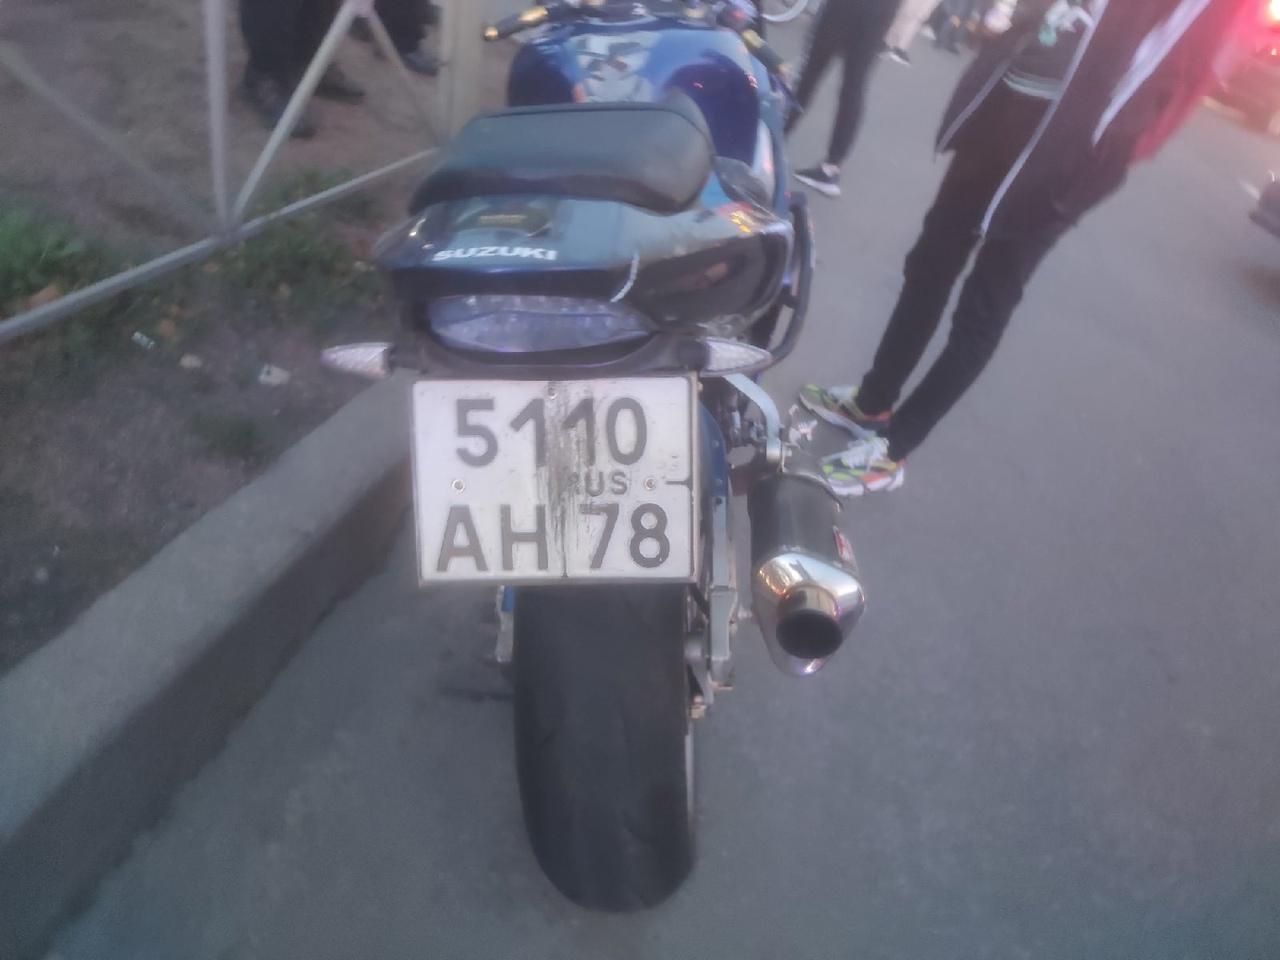 На Науки возле Бутлерова ДТП произошло ДТП между Лансером и мотоциклом Suzuki GSX 1000. Трамваям в с...